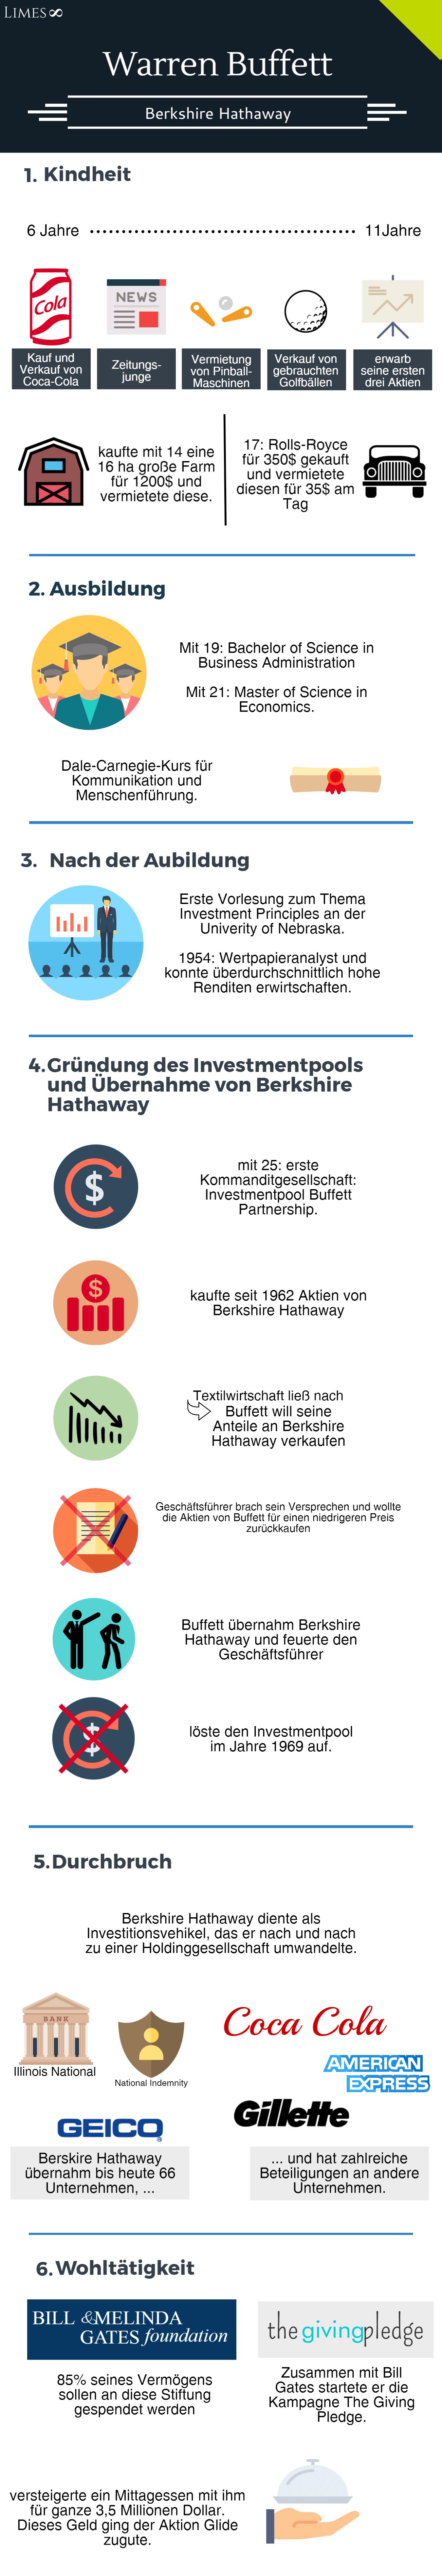 Infografik über Warren Buffett